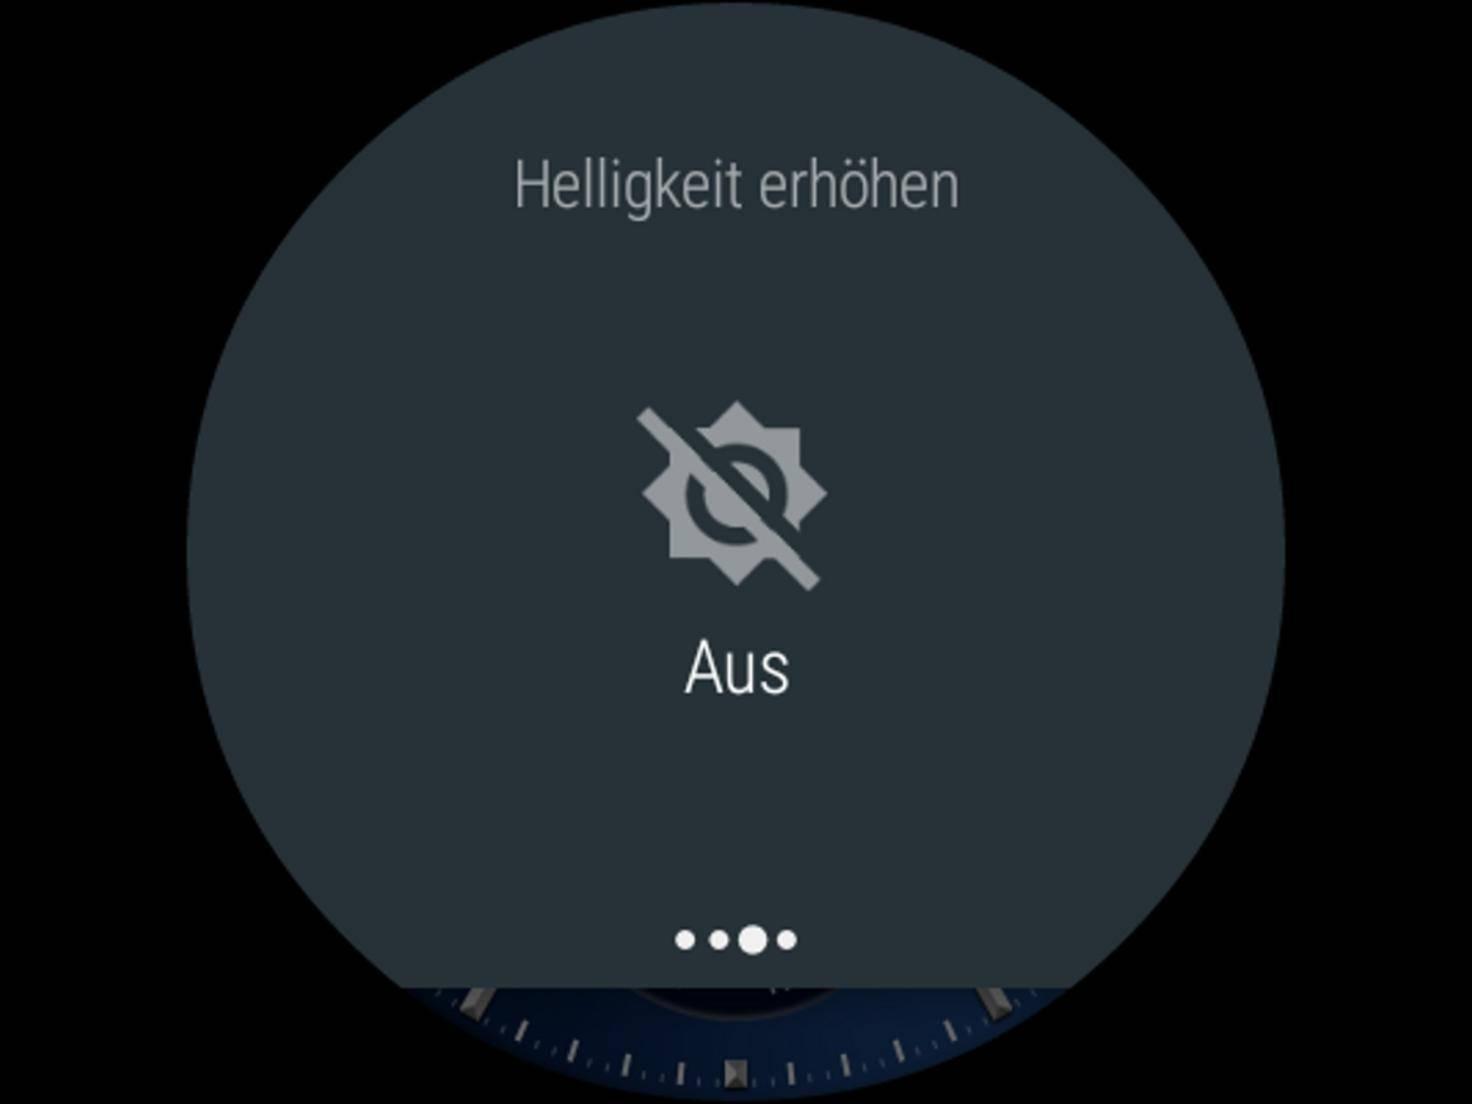 Android Wear Helligkeit erhöhen